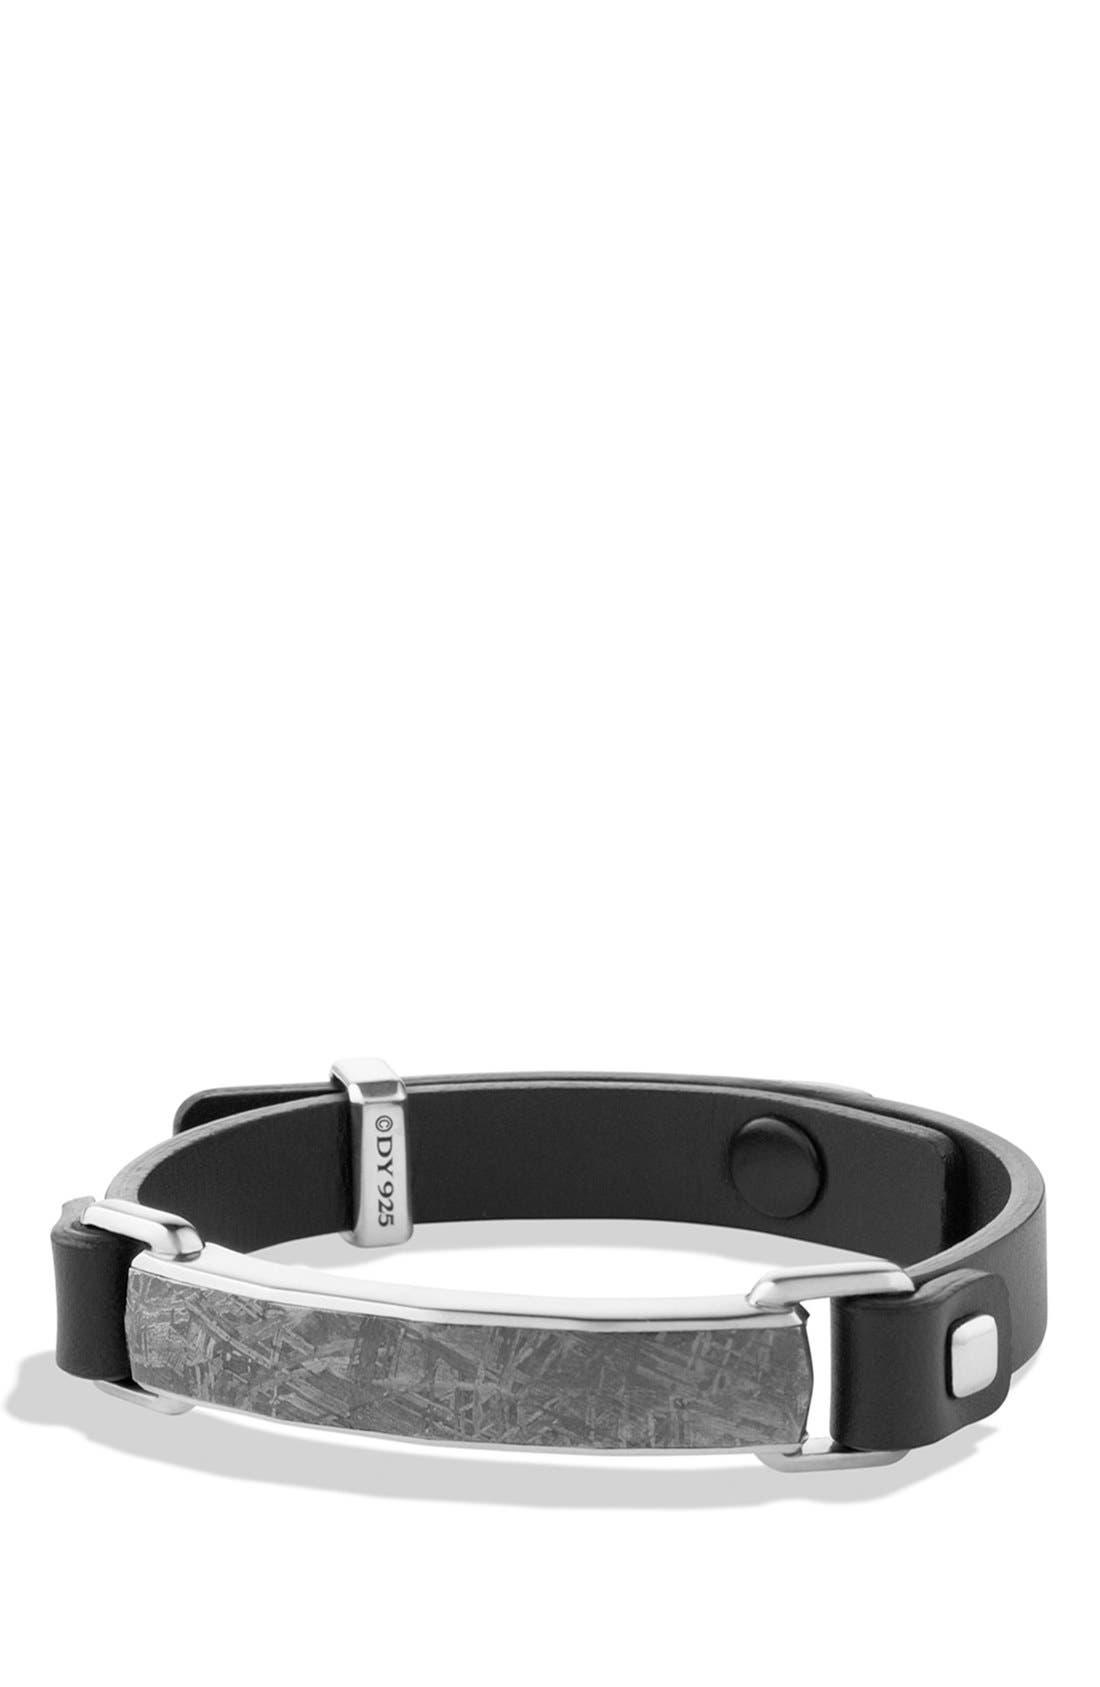 'Meteorite' Leather ID Bracelet in Black,                         Main,                         color, Meteorite